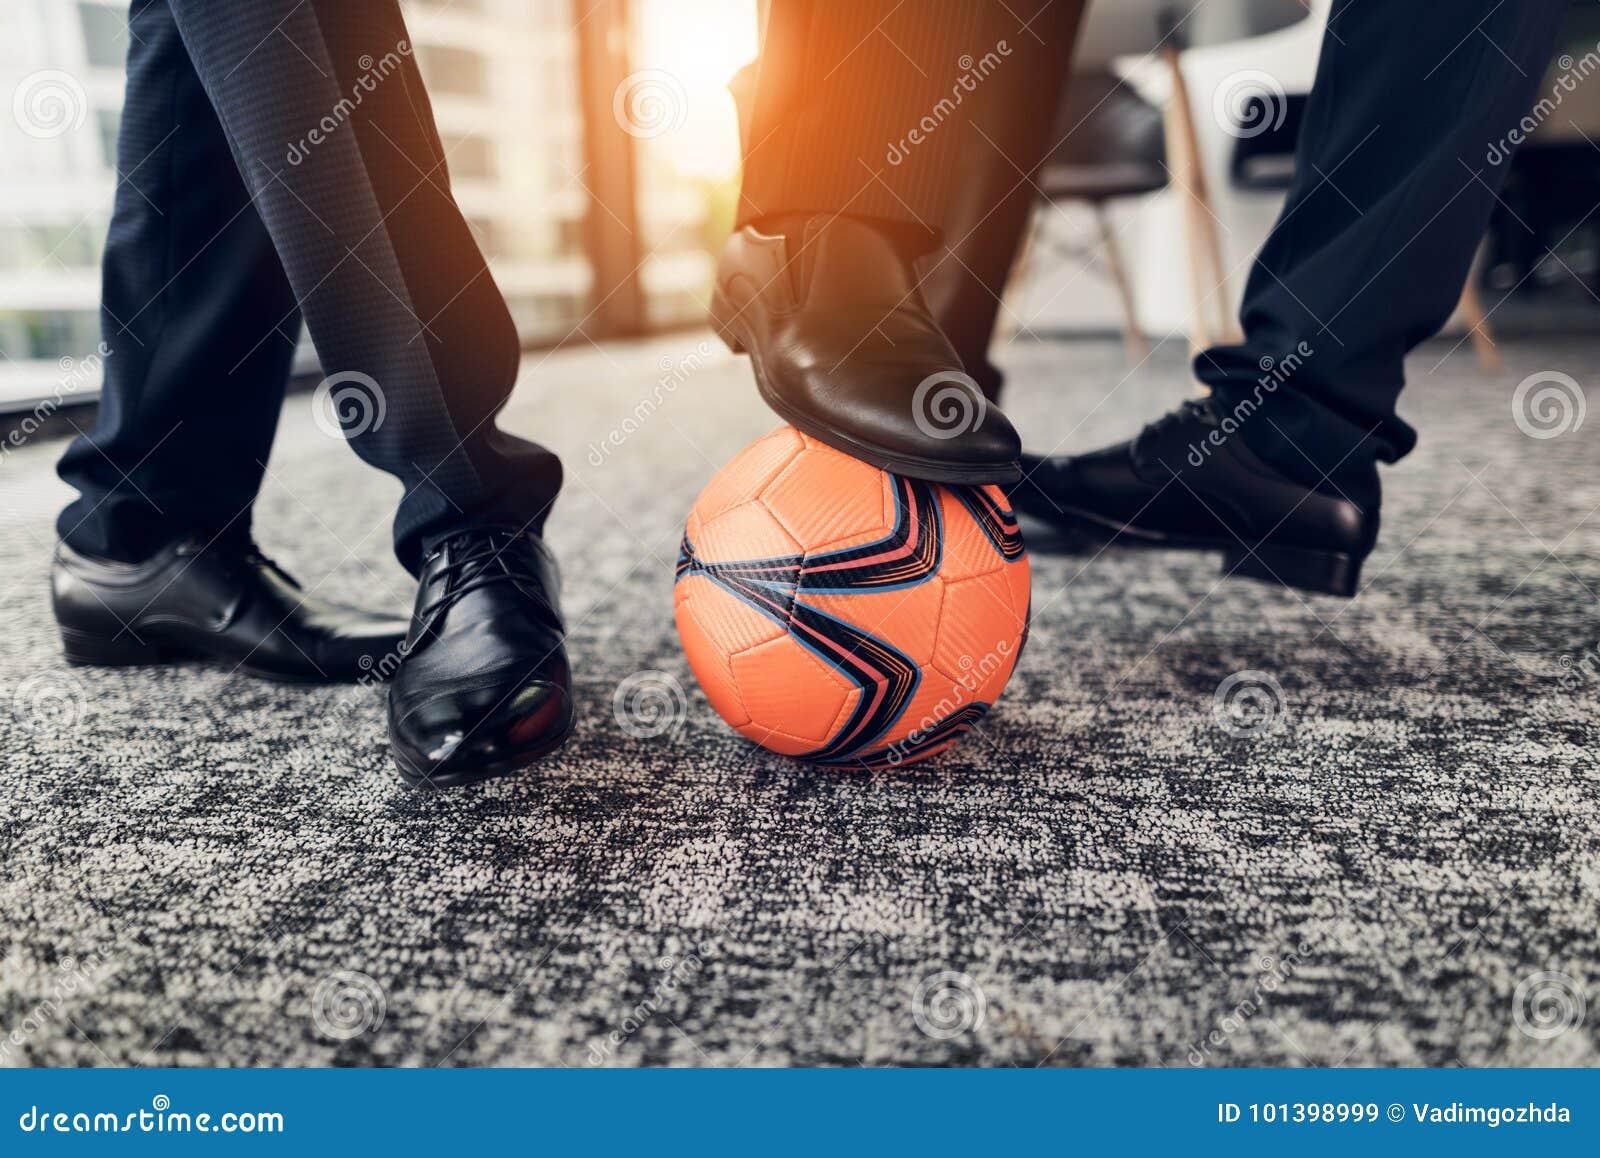 Fine In Su Tre Uomini In Pantaloni Rigorosi E Scarpe Nere Giocano Una Palla Arancio Nel Calcio Nell Ufficio Immagine Stock Immagine Di Arancio Giocano 101398999